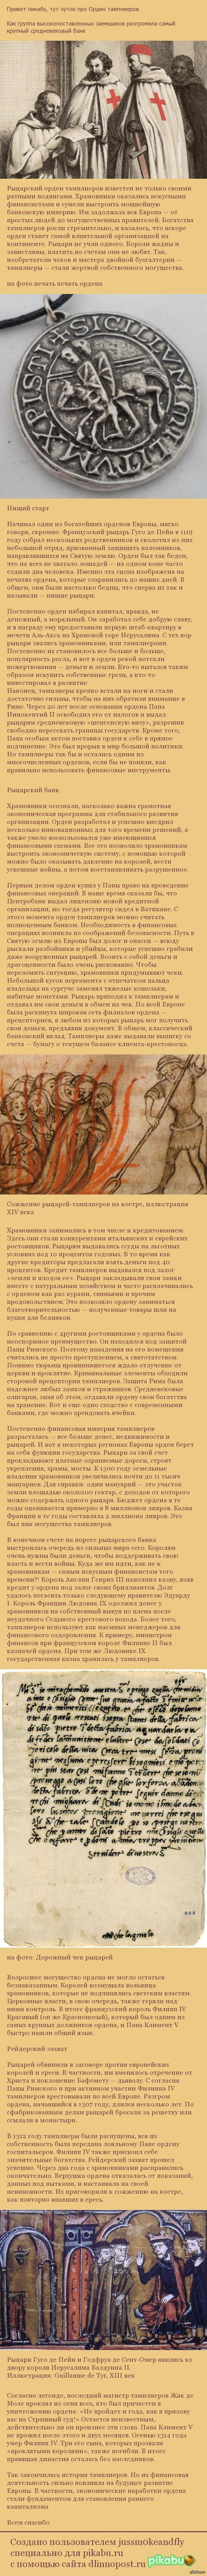 Рыцарский орден тамплиеров   орден тамплиеров, тамплиеры, длиннопост